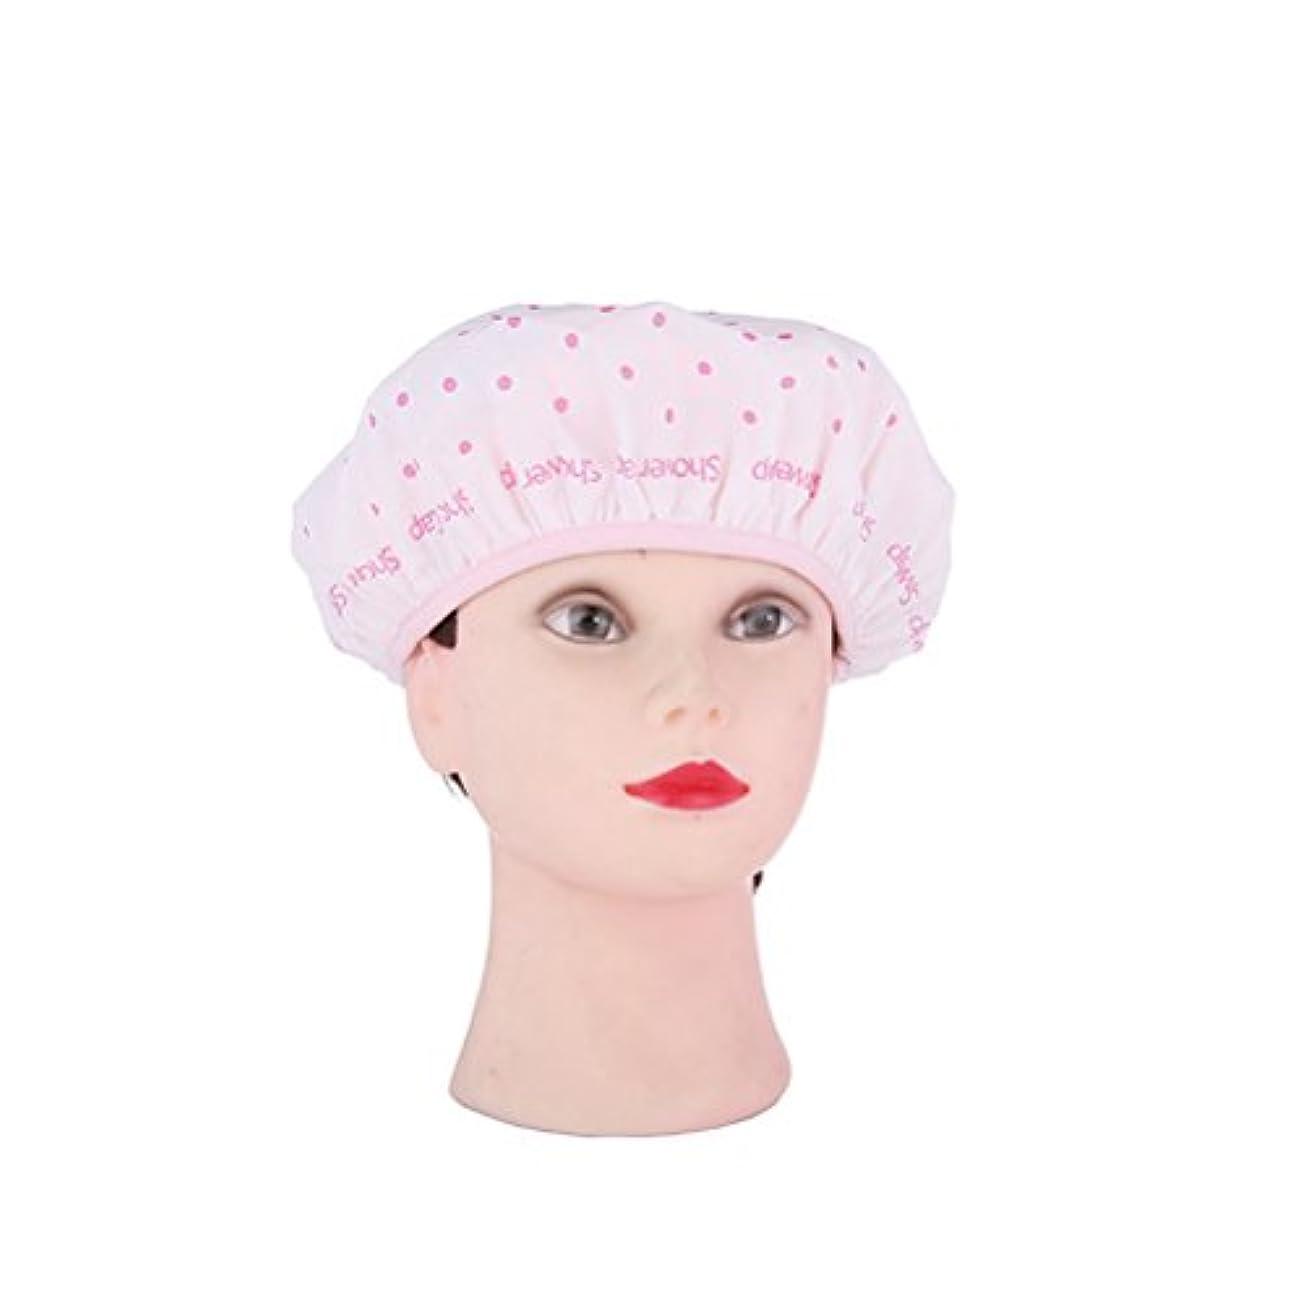 動作改善厚くするROSENICE シャワーキャップ防水性モールド抵抗性の洗えるシャワーキャップかわいいやわらかい髪の帽子(ピンク)